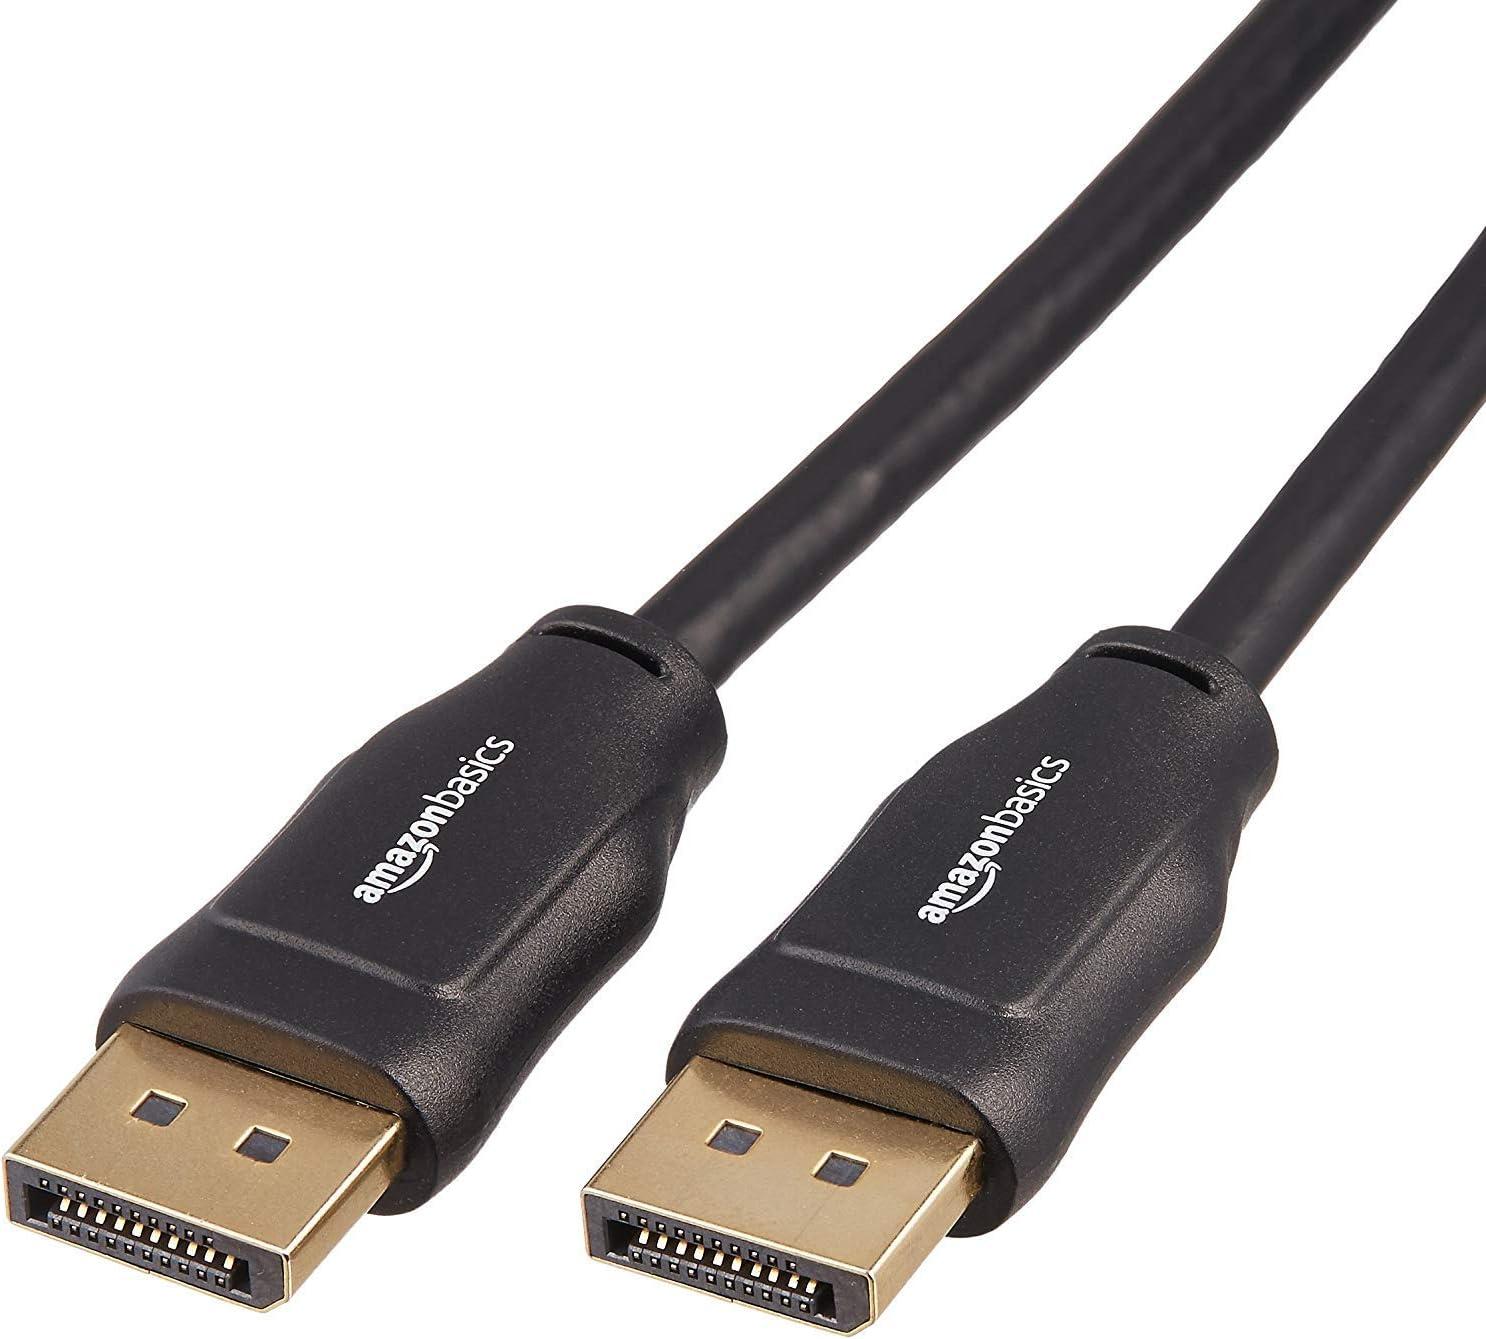 AmazonBasics - Verbindungskabel, DisplayPort auf DisplayPort, 1,8 m 1